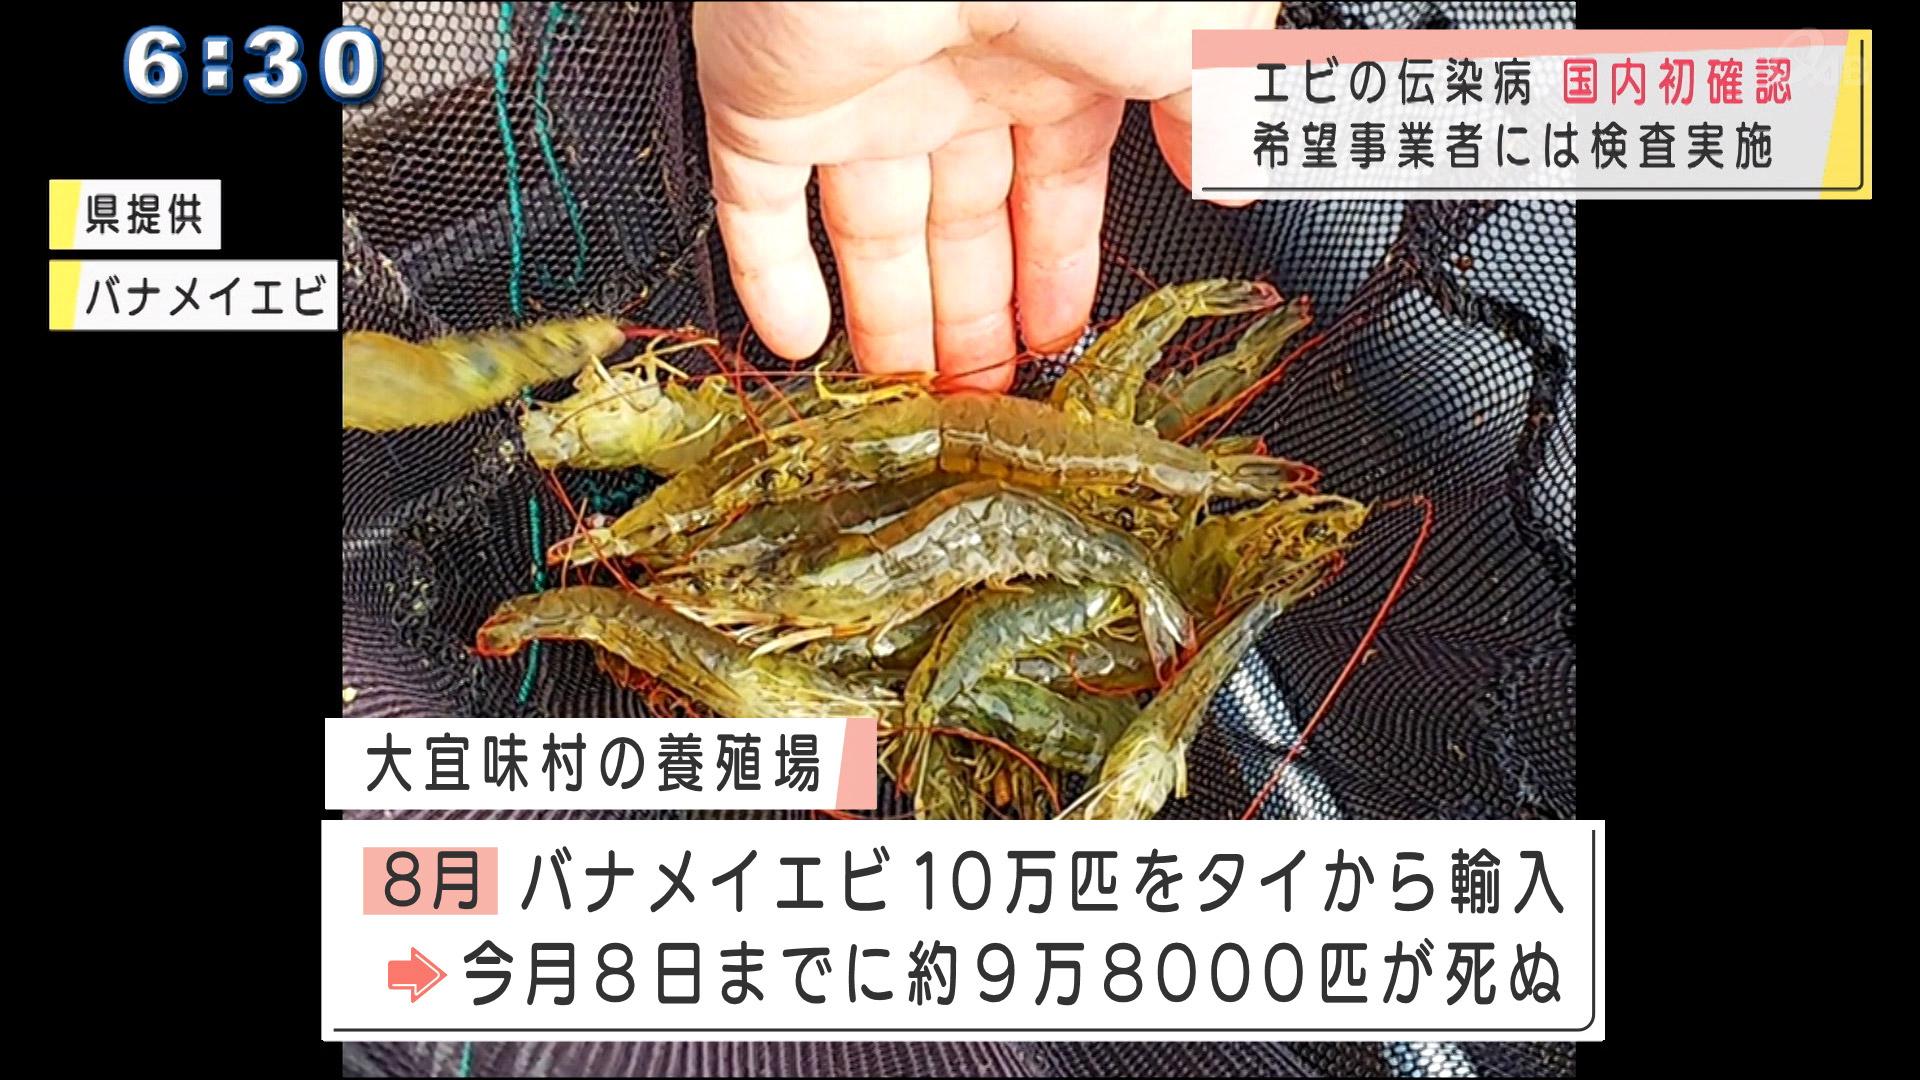 大宜味村のエビ養殖場で国内初の伝染病確認